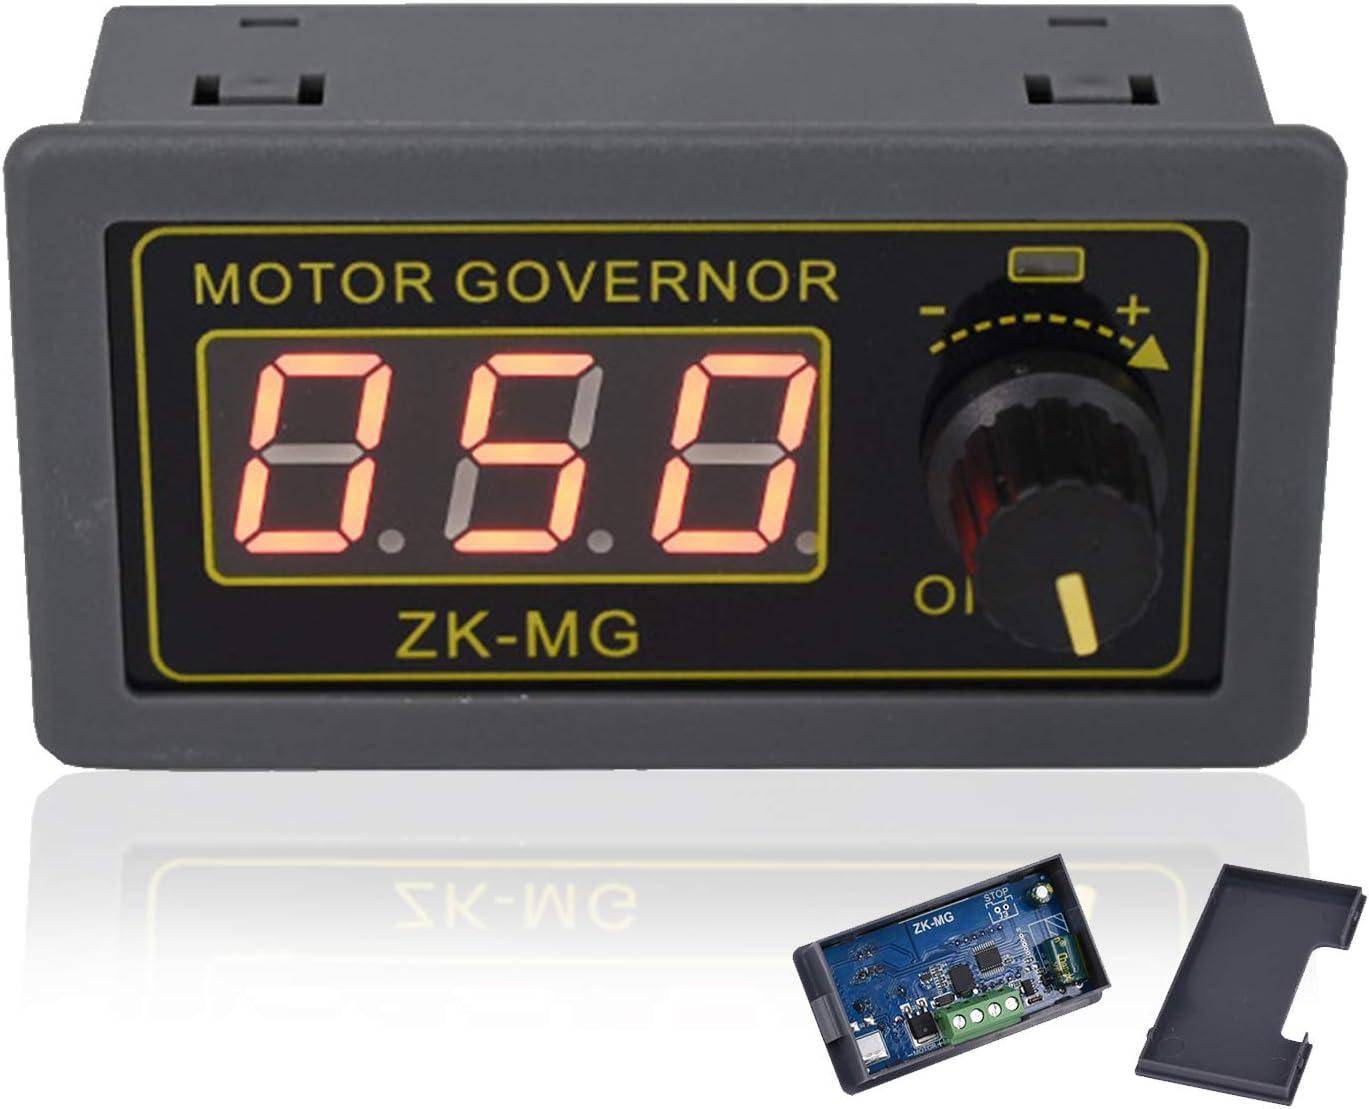 Blizim DC 5-30V PWM Motor Speed Controller Stepless Regulator LED Display